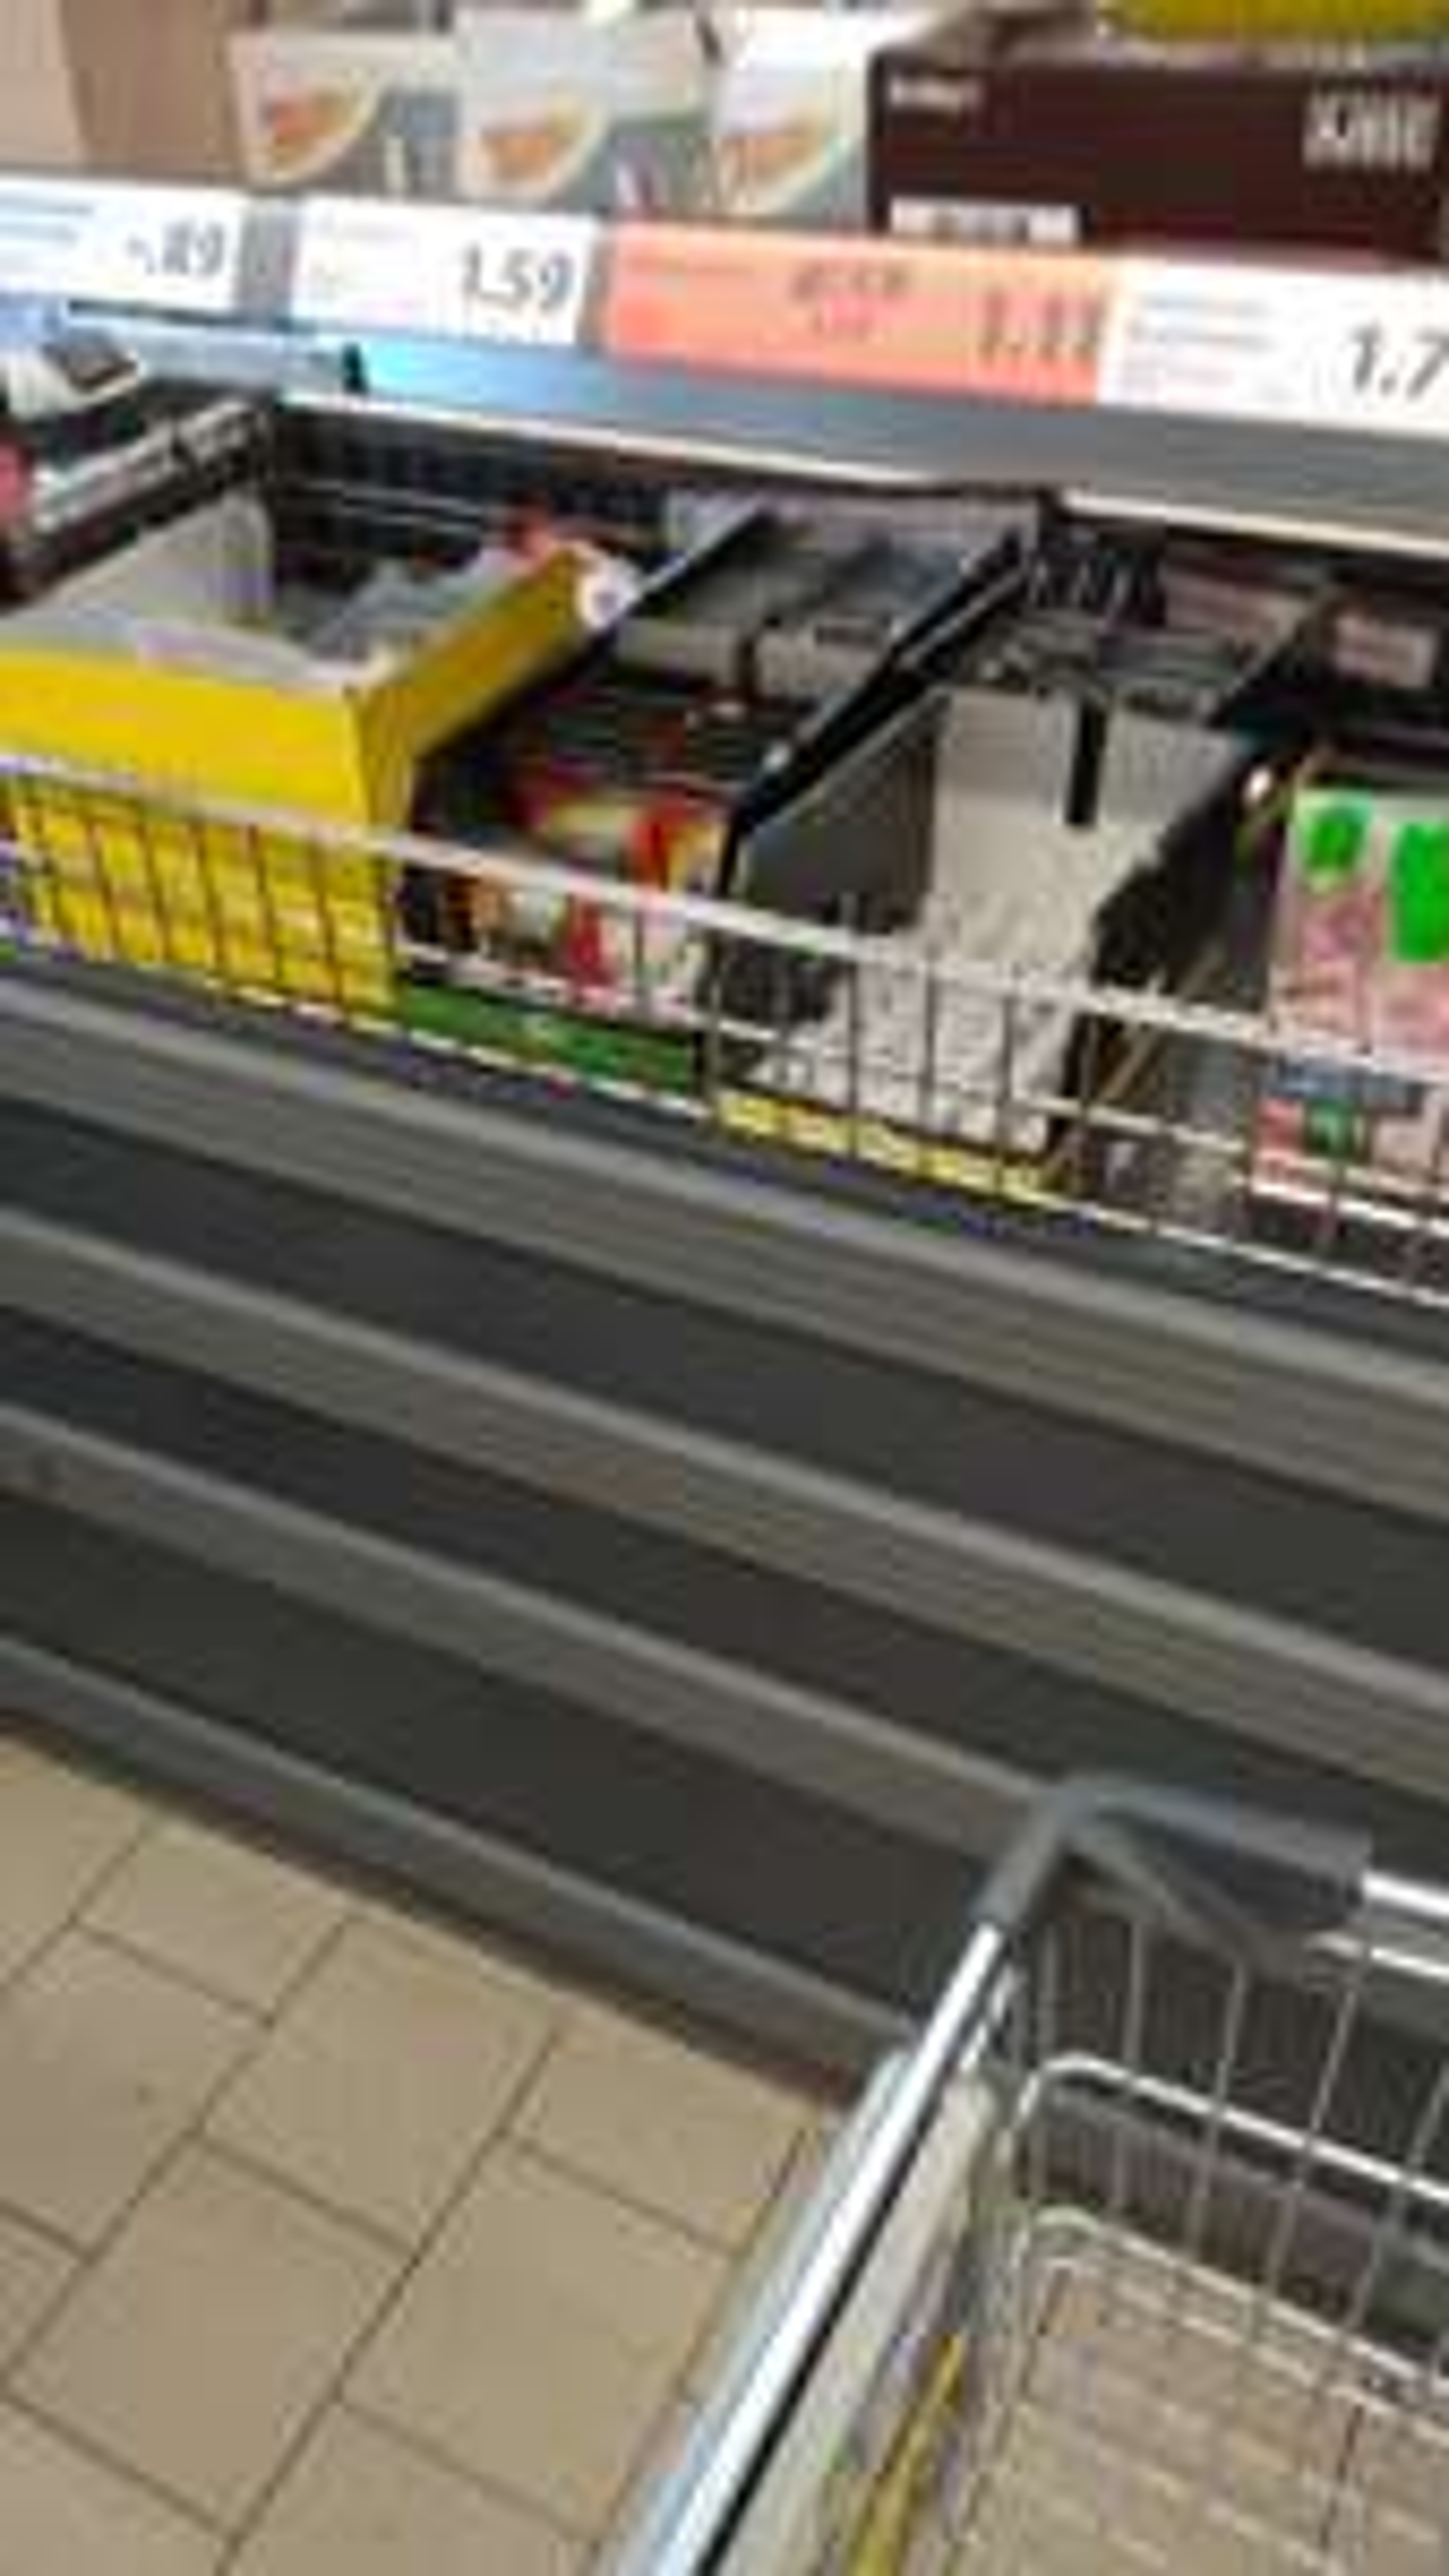 Lidl (Lokal Mainz-Kastel) 8 AA Batterie aerocell für 1,11€ statt 1,59